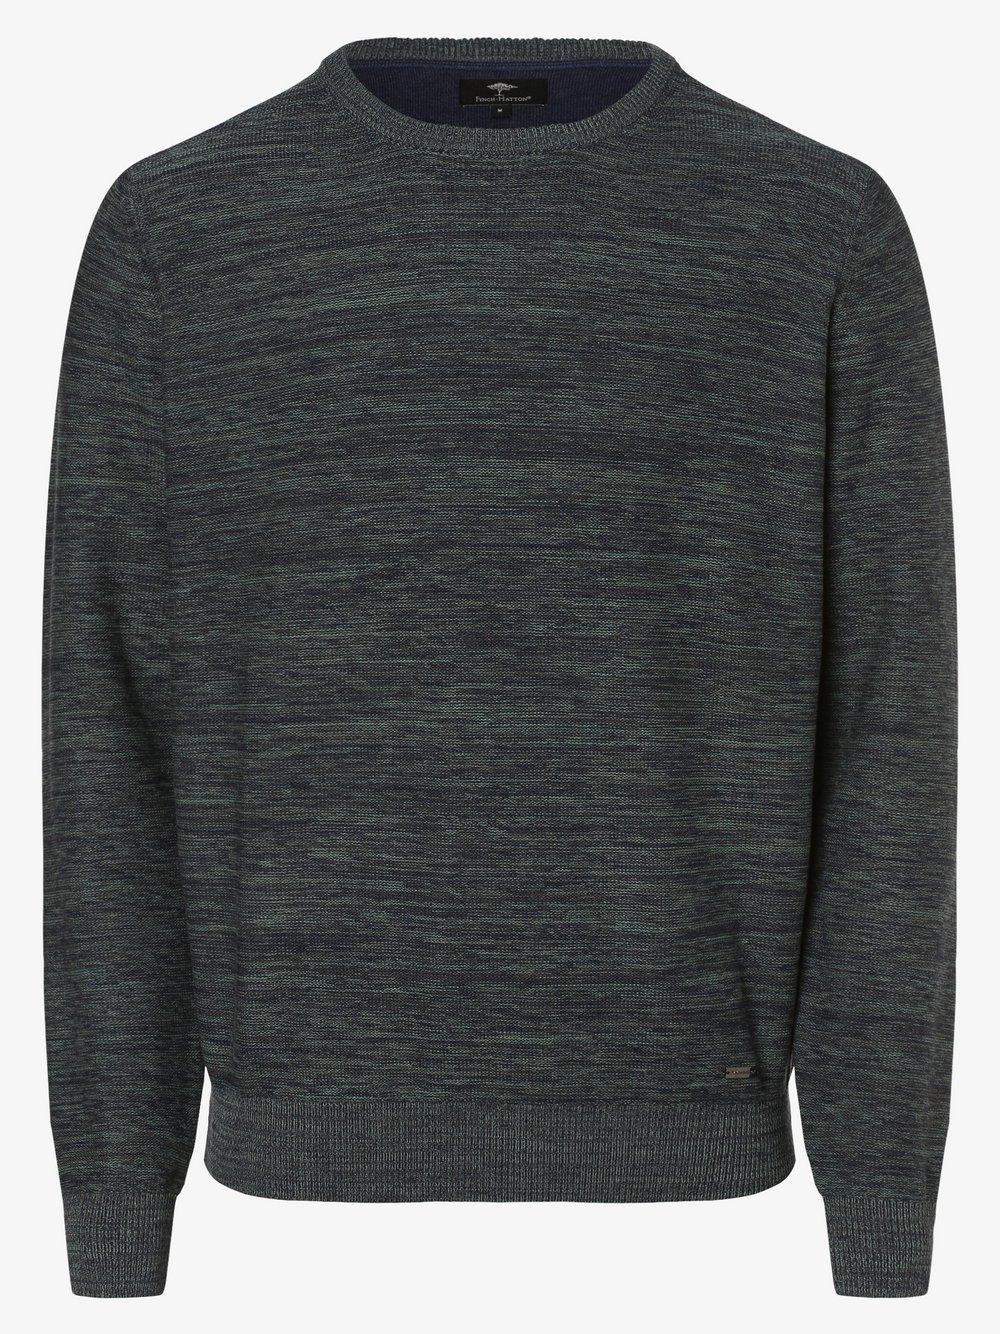 Fynch-Hatton – Sweter męski, zielony Van Graaf 482364-0002-09970